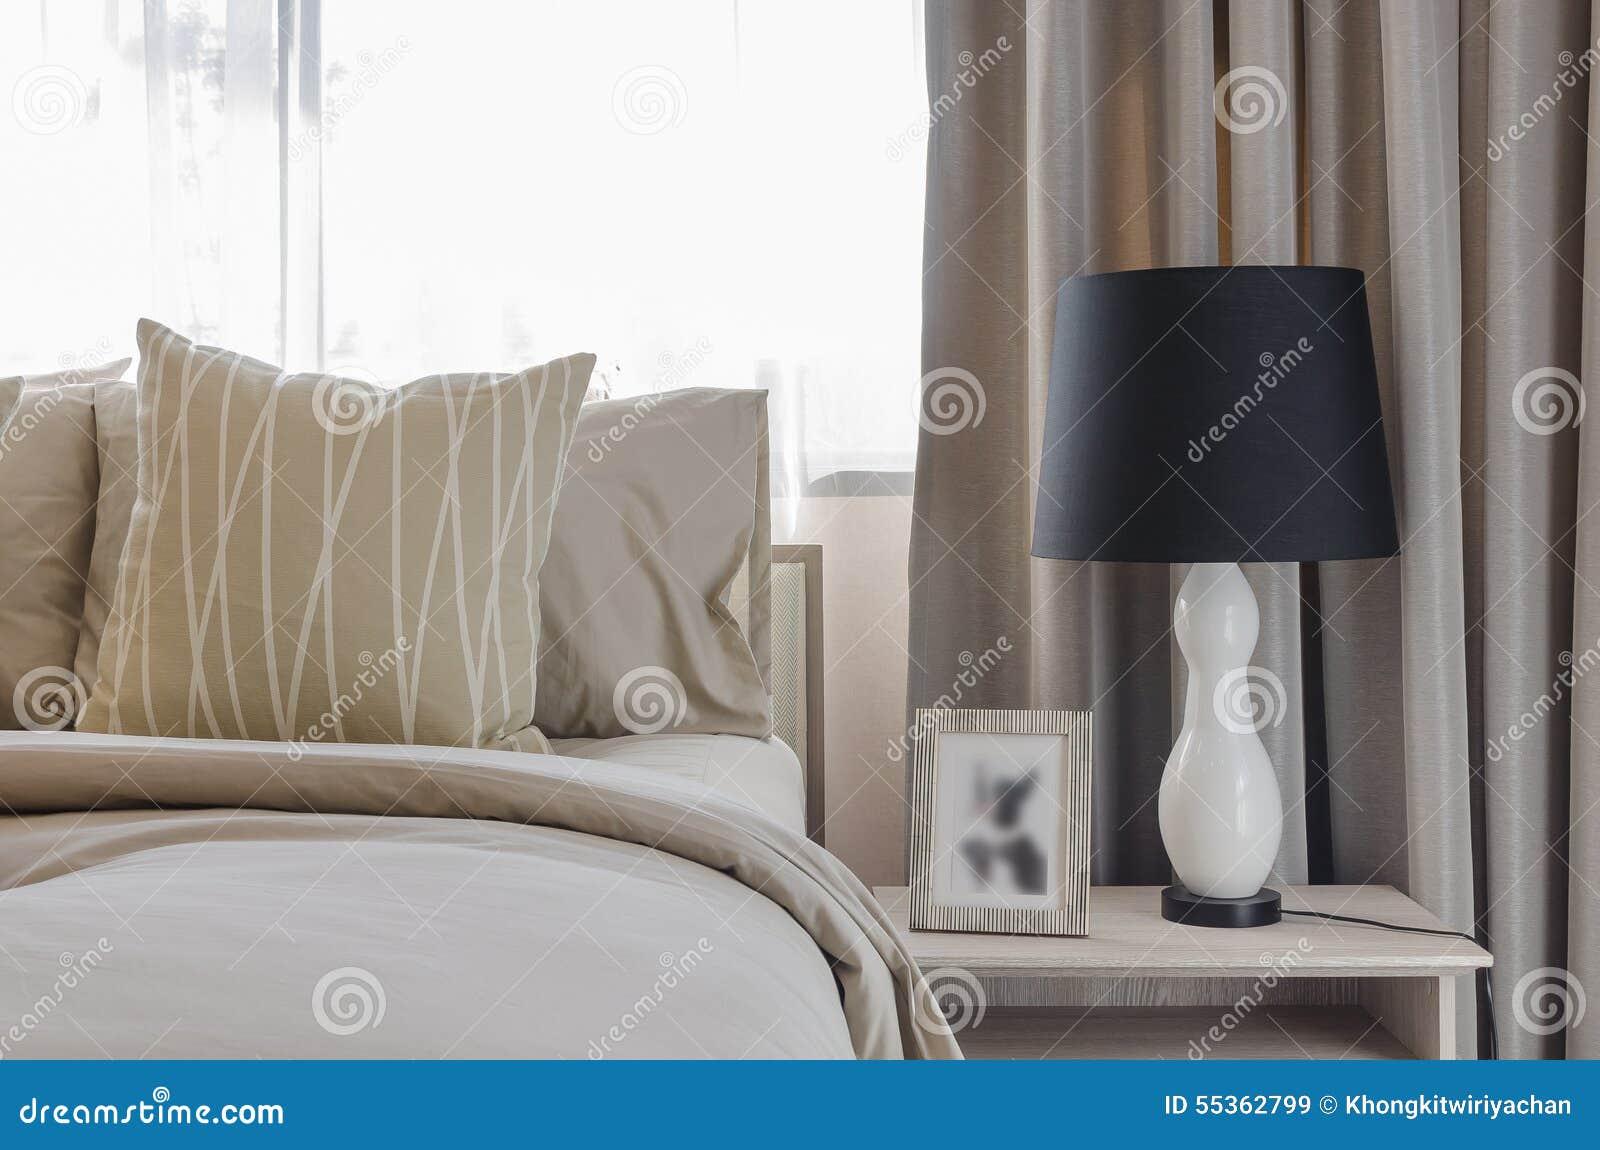 Lampada in bianco e nero sulla tavola di legno in camera da letto